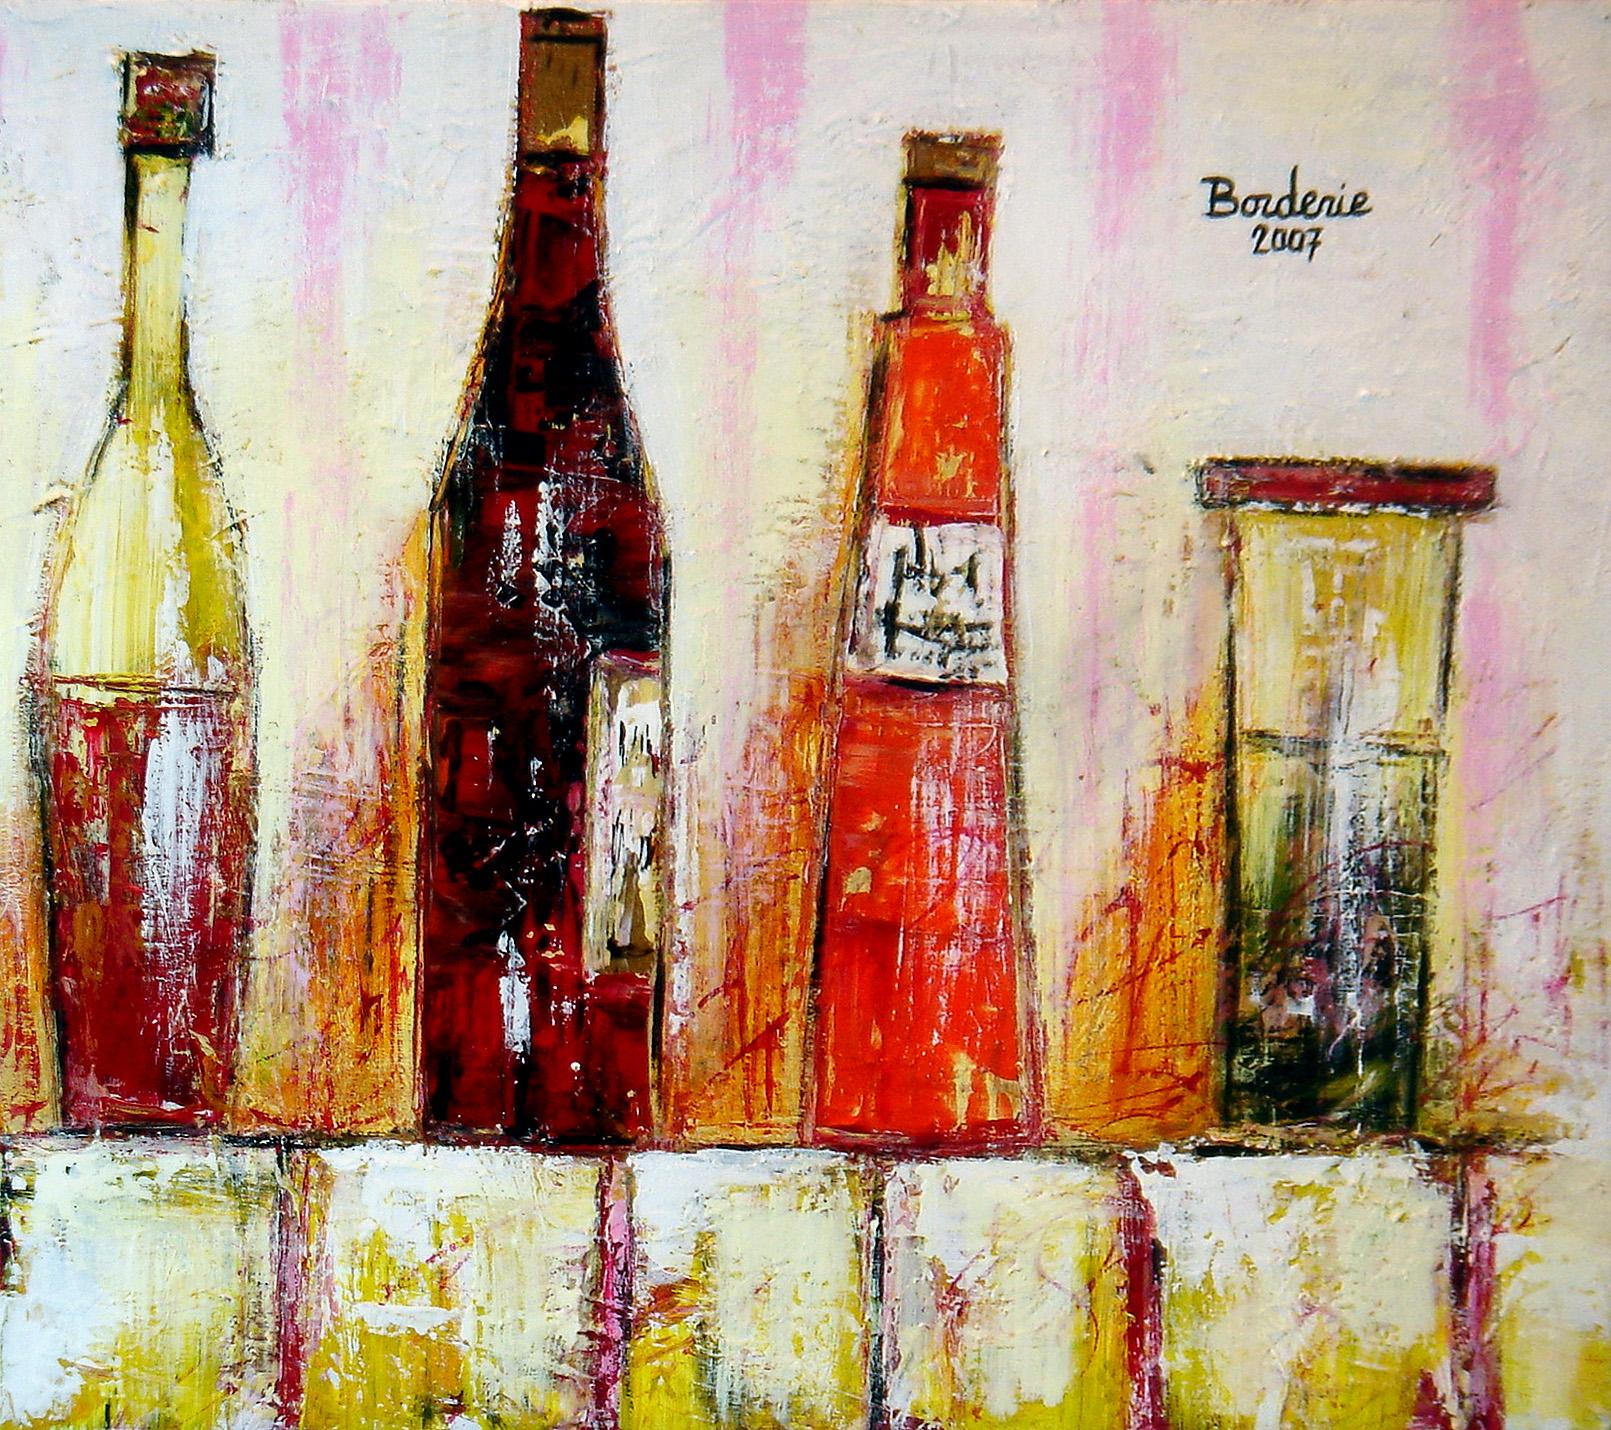 Les bouteilles.